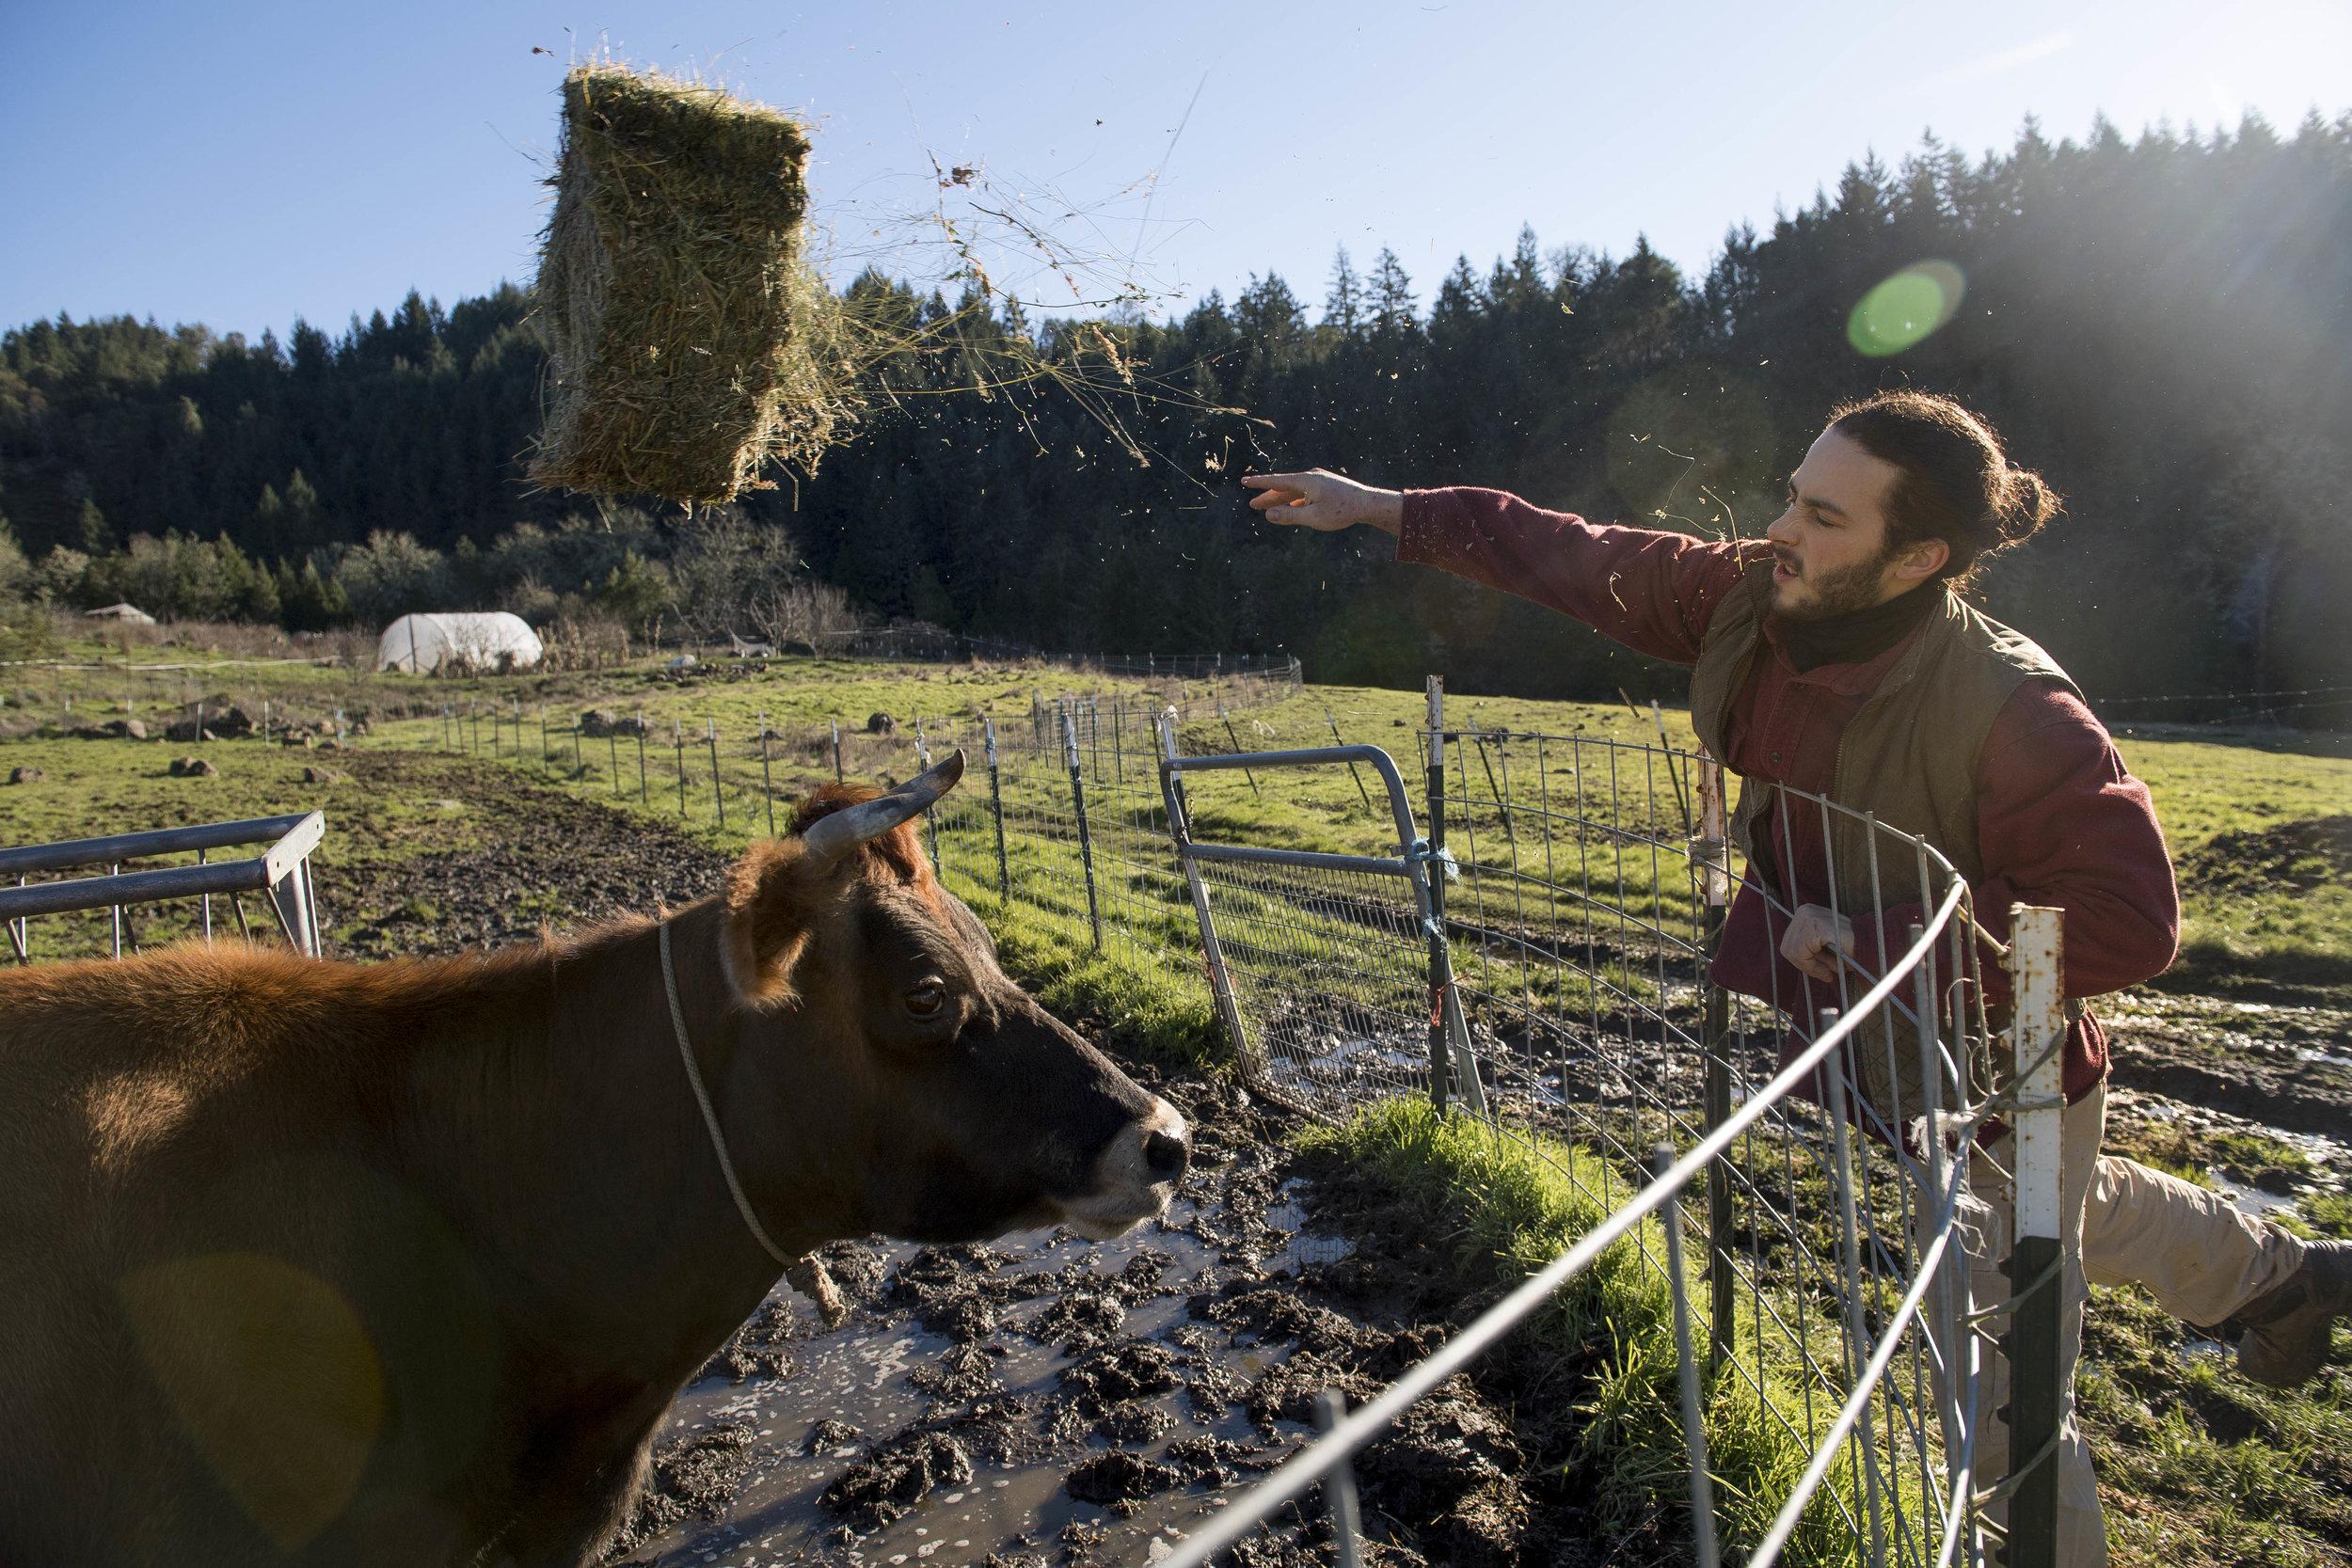 Jacob on his family farm in Roseburg, Oregon. Photo: Robin Loznak